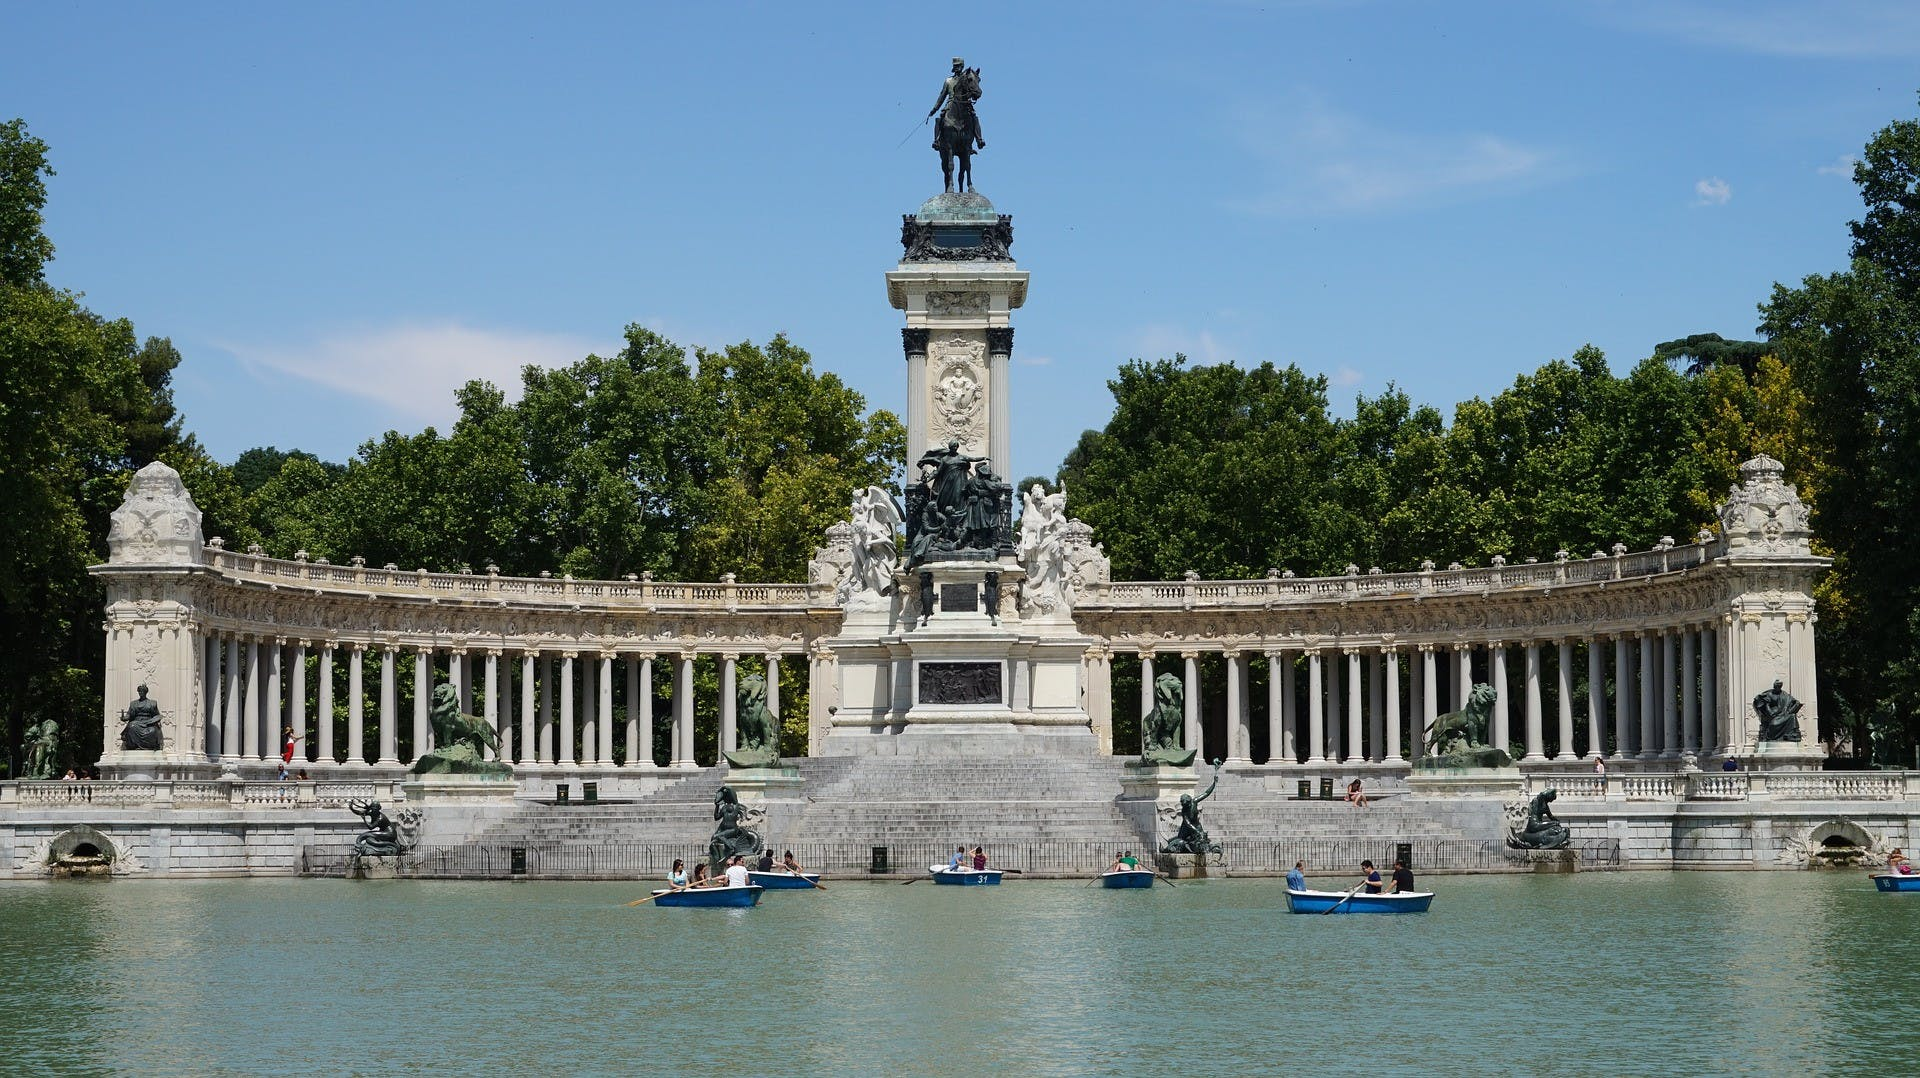 Palacio Real de Madrid y el parque del Retiro guiaron tour-1